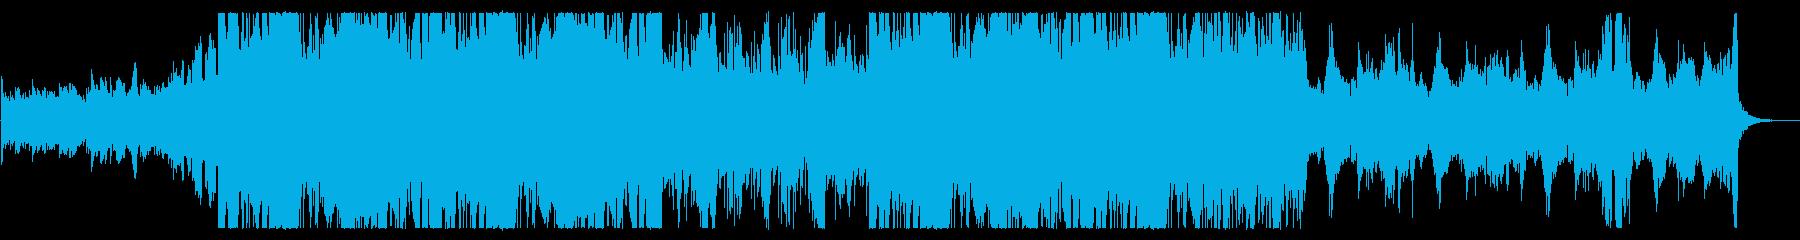 #pop TikTok Youtube の再生済みの波形